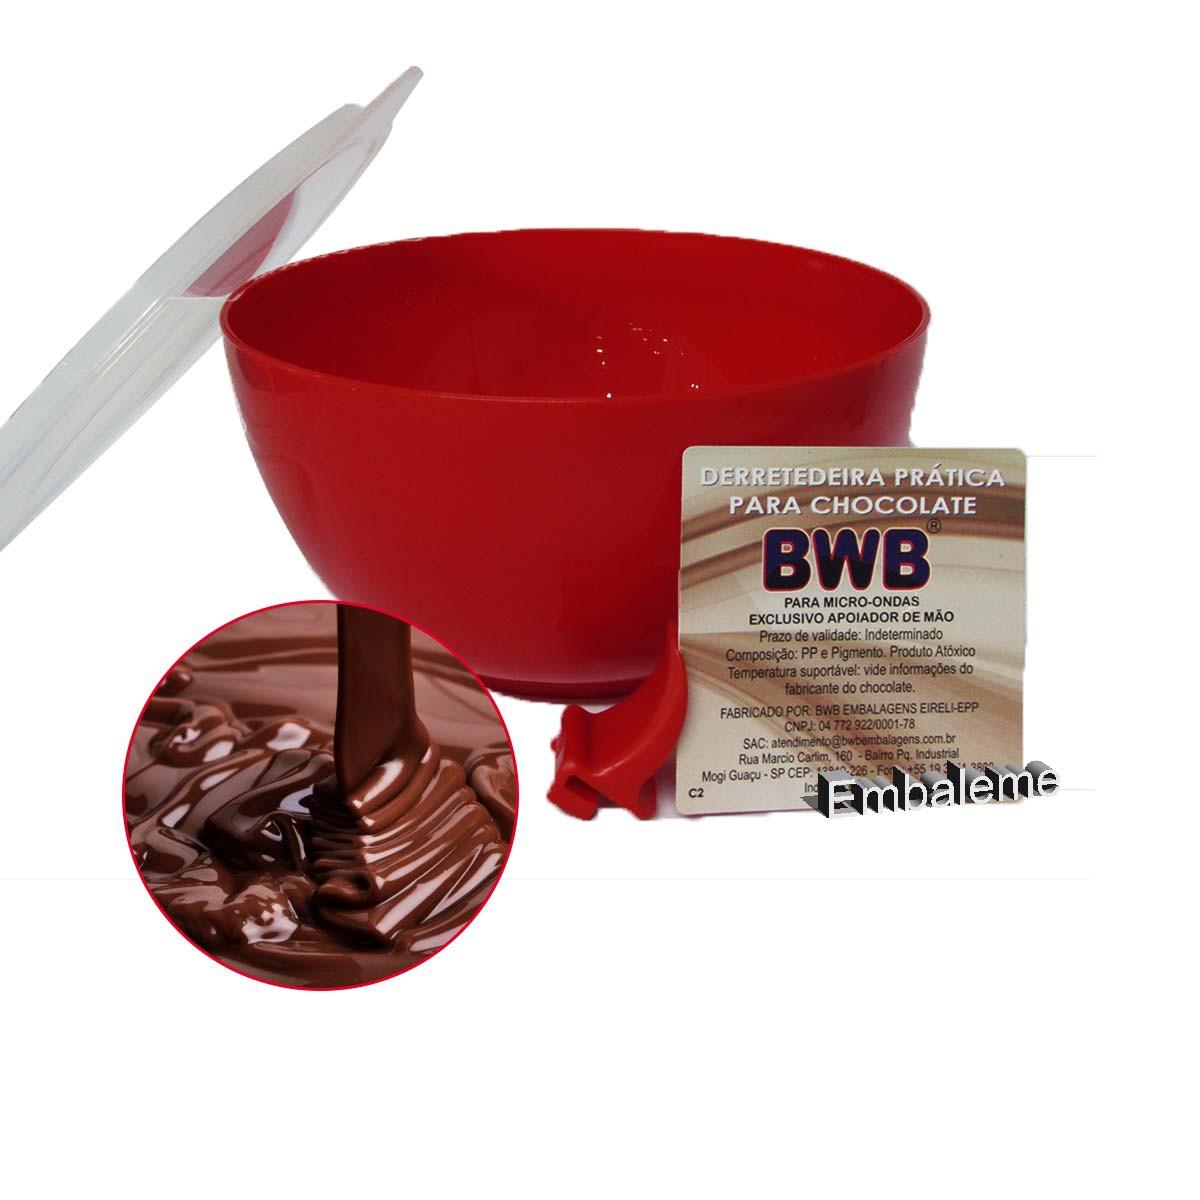 Derretedeira Prática para Chocolate BWB